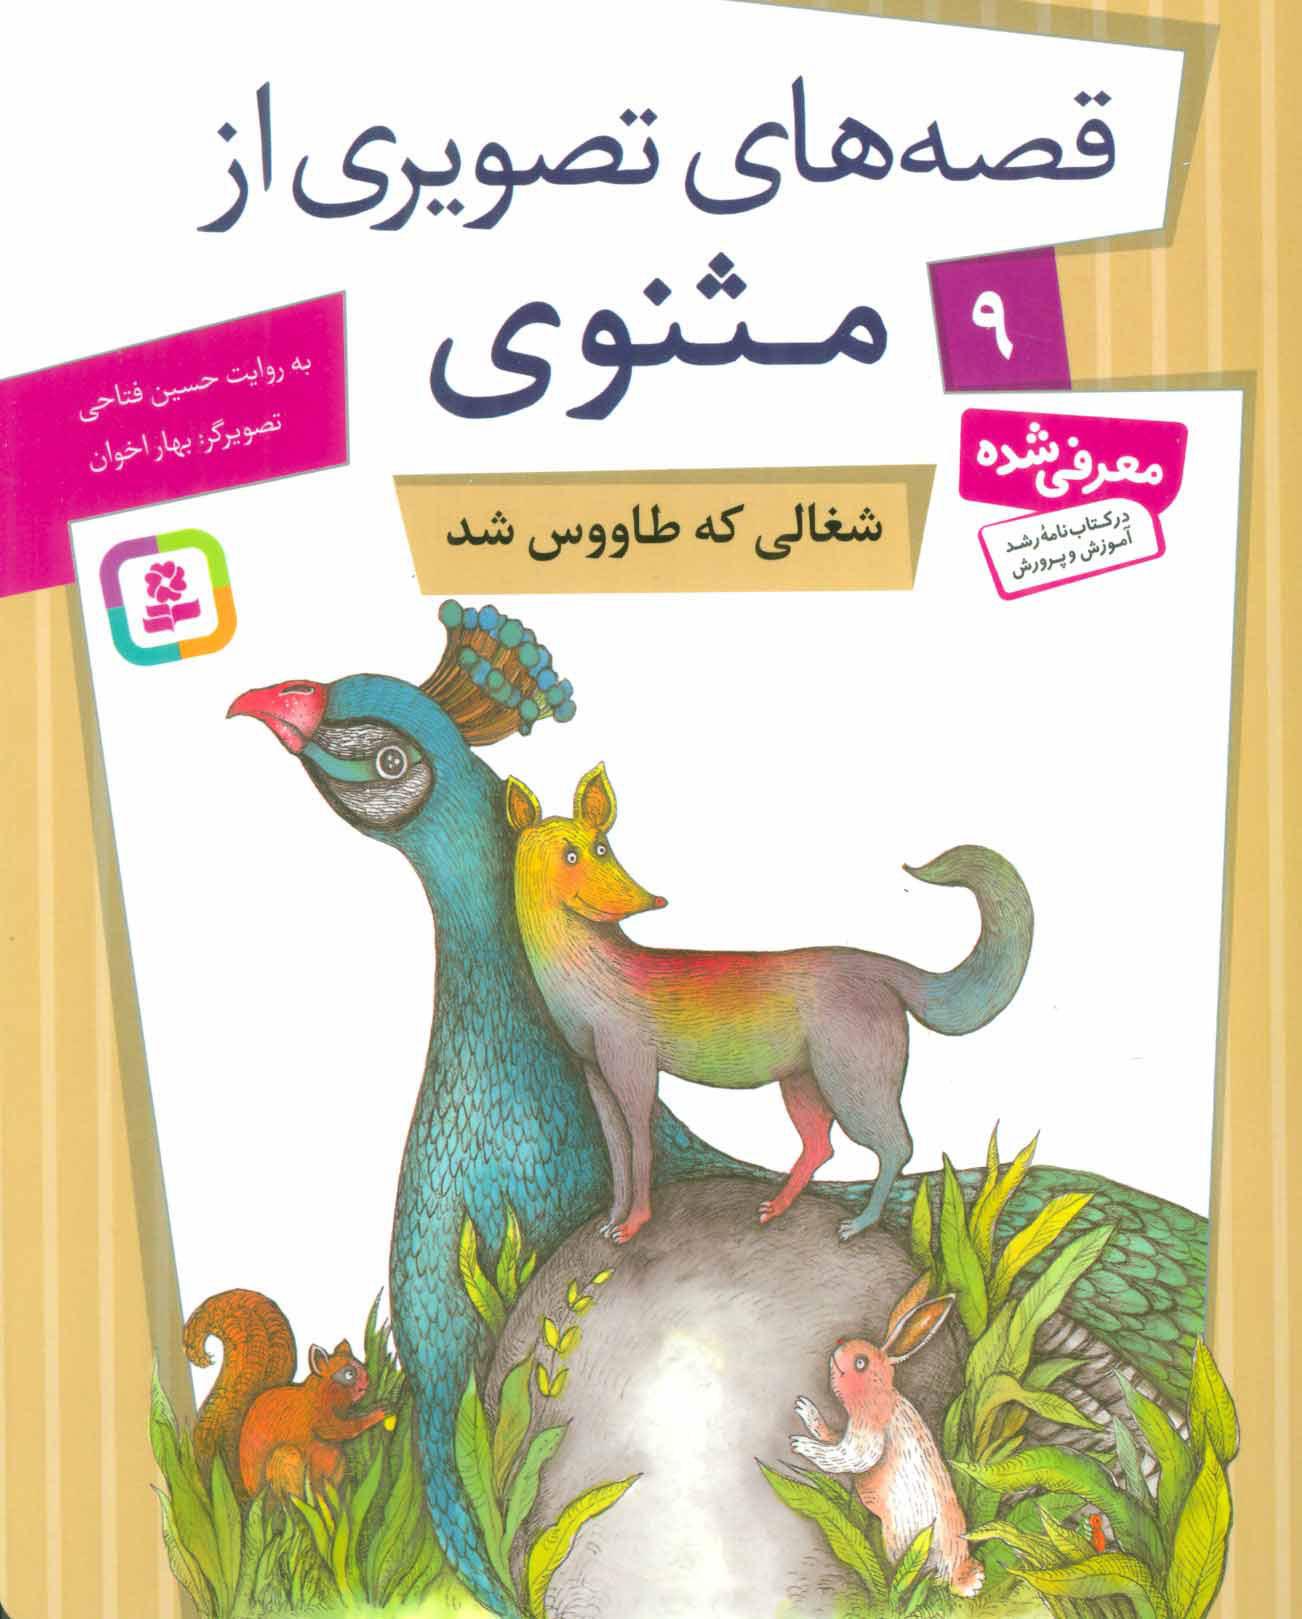 کتاب شغالی که طاووس شد